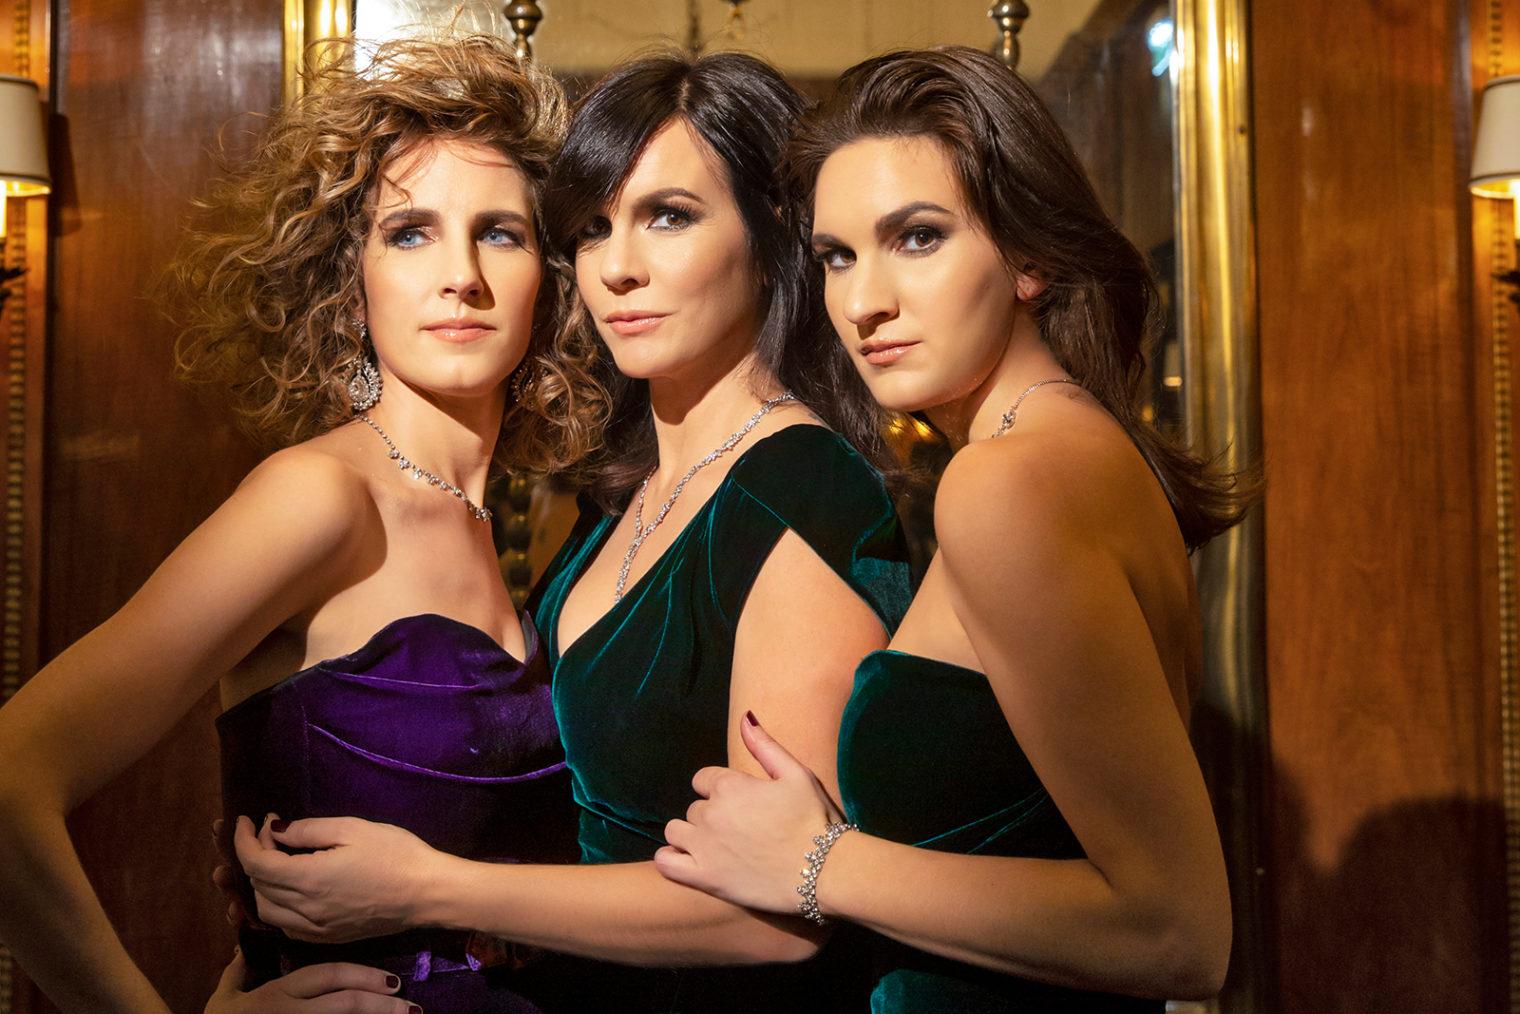 Gruppenbild der Schick Sisters